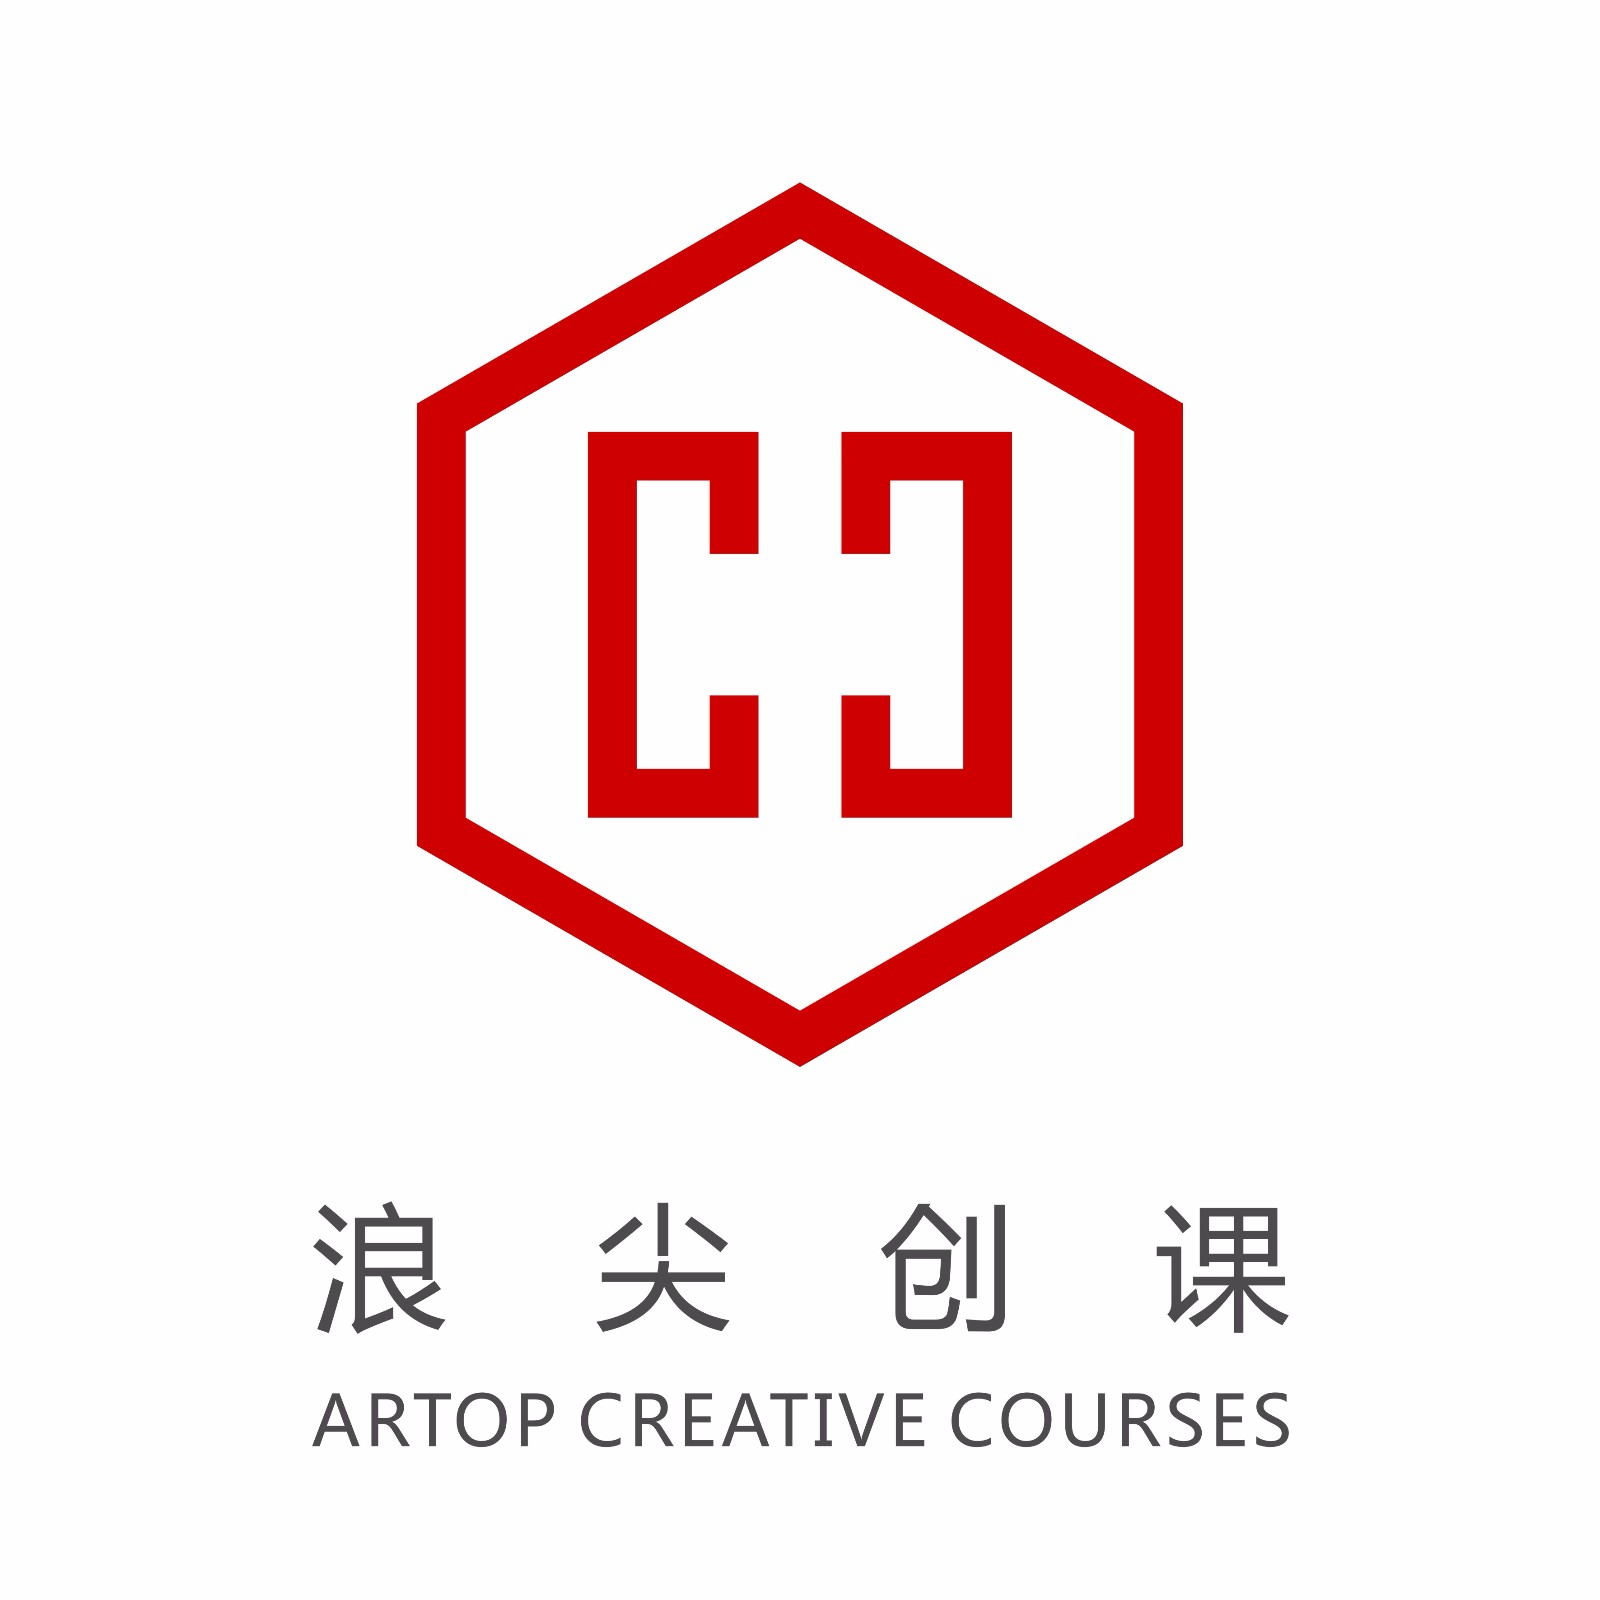 幼师_重庆浪尖创课科技有限公司招聘信息